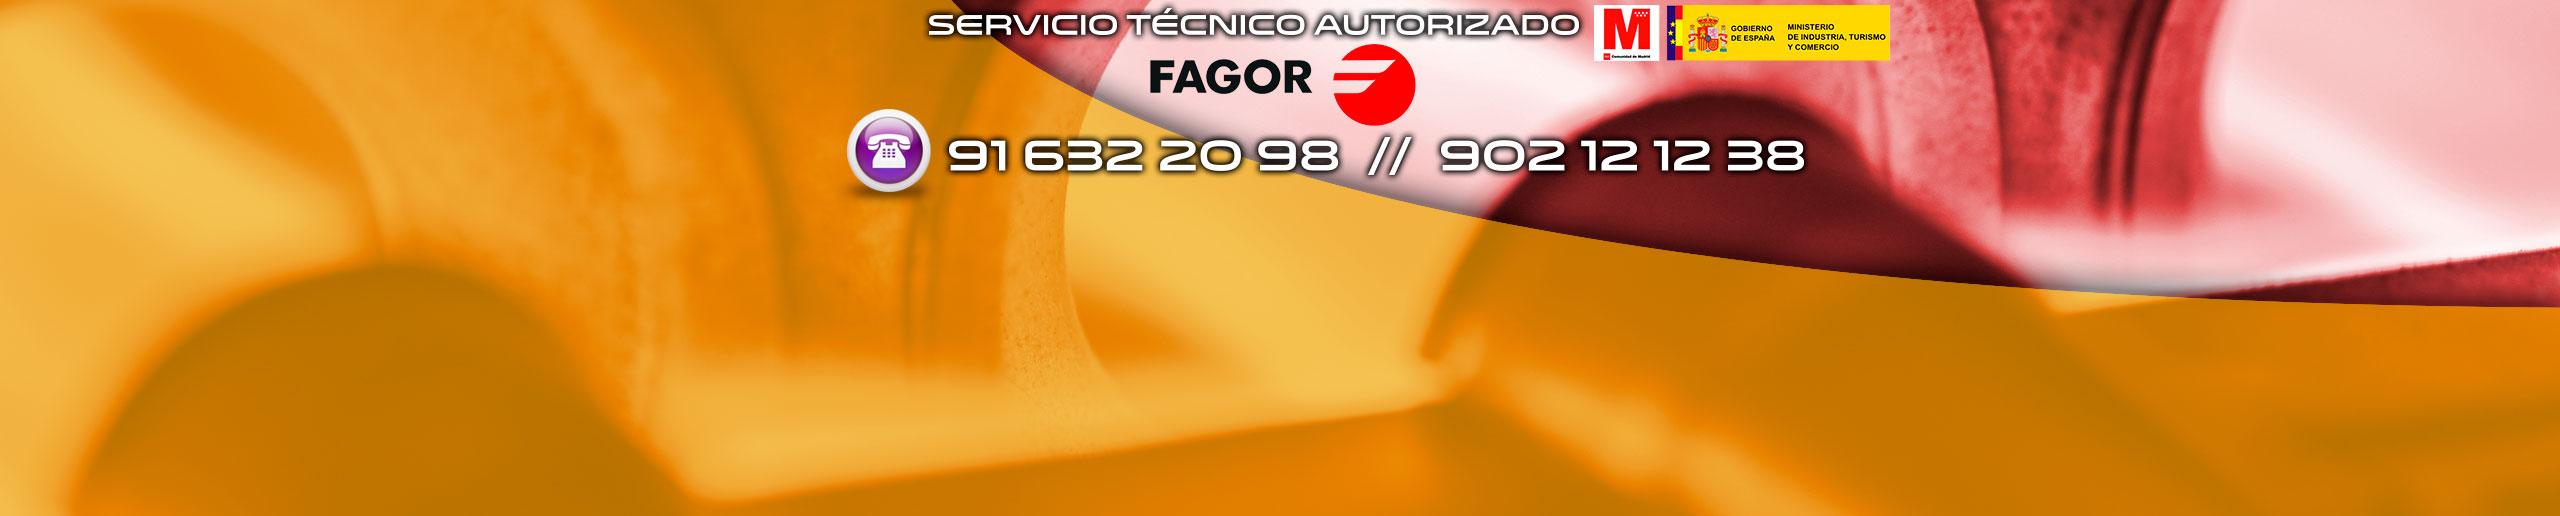 Servicio t cnico calderas fagor en parla t 91 632 20 for Tecnico calderas